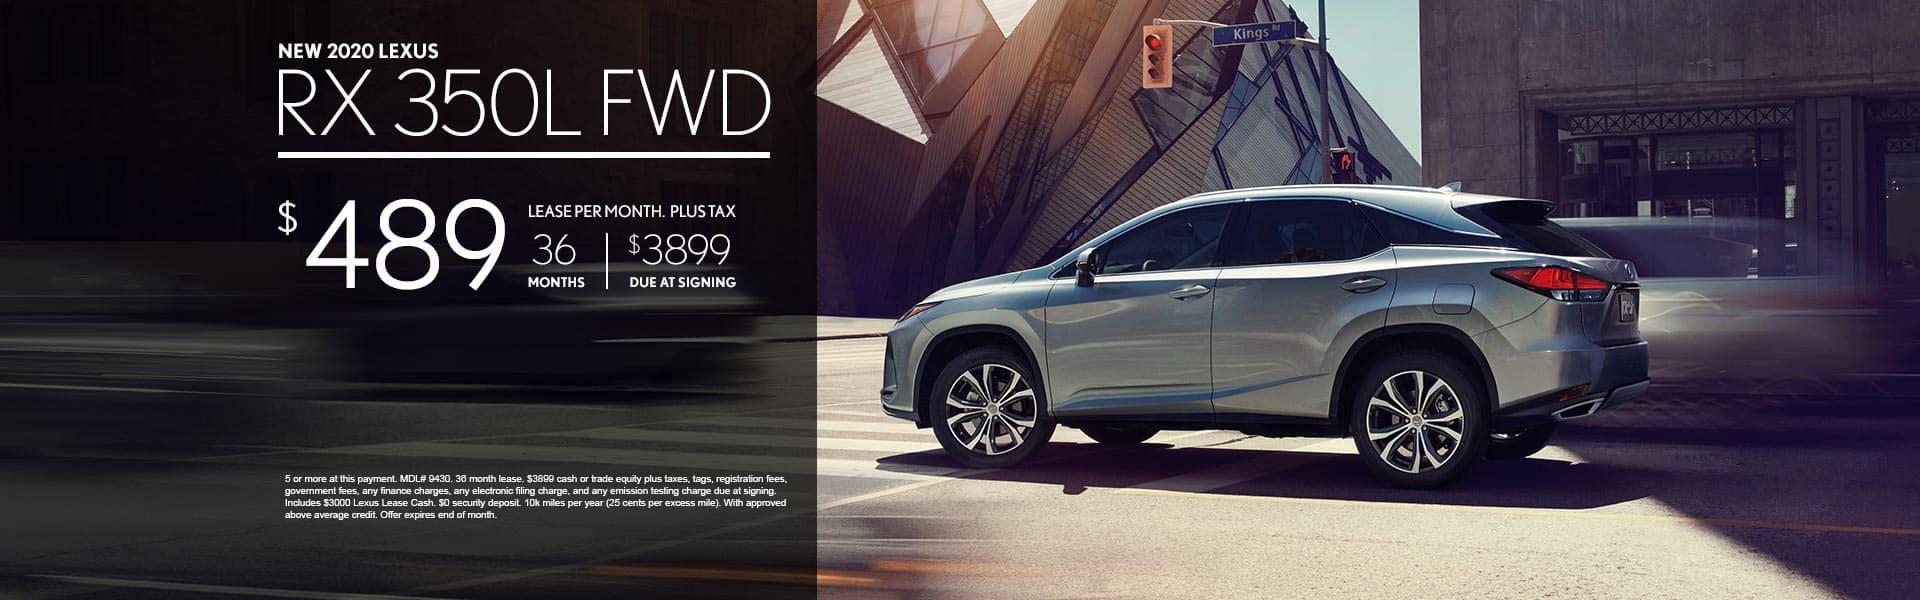 2020_Lexus_RX_350L_FWD-Jan(1920x600)